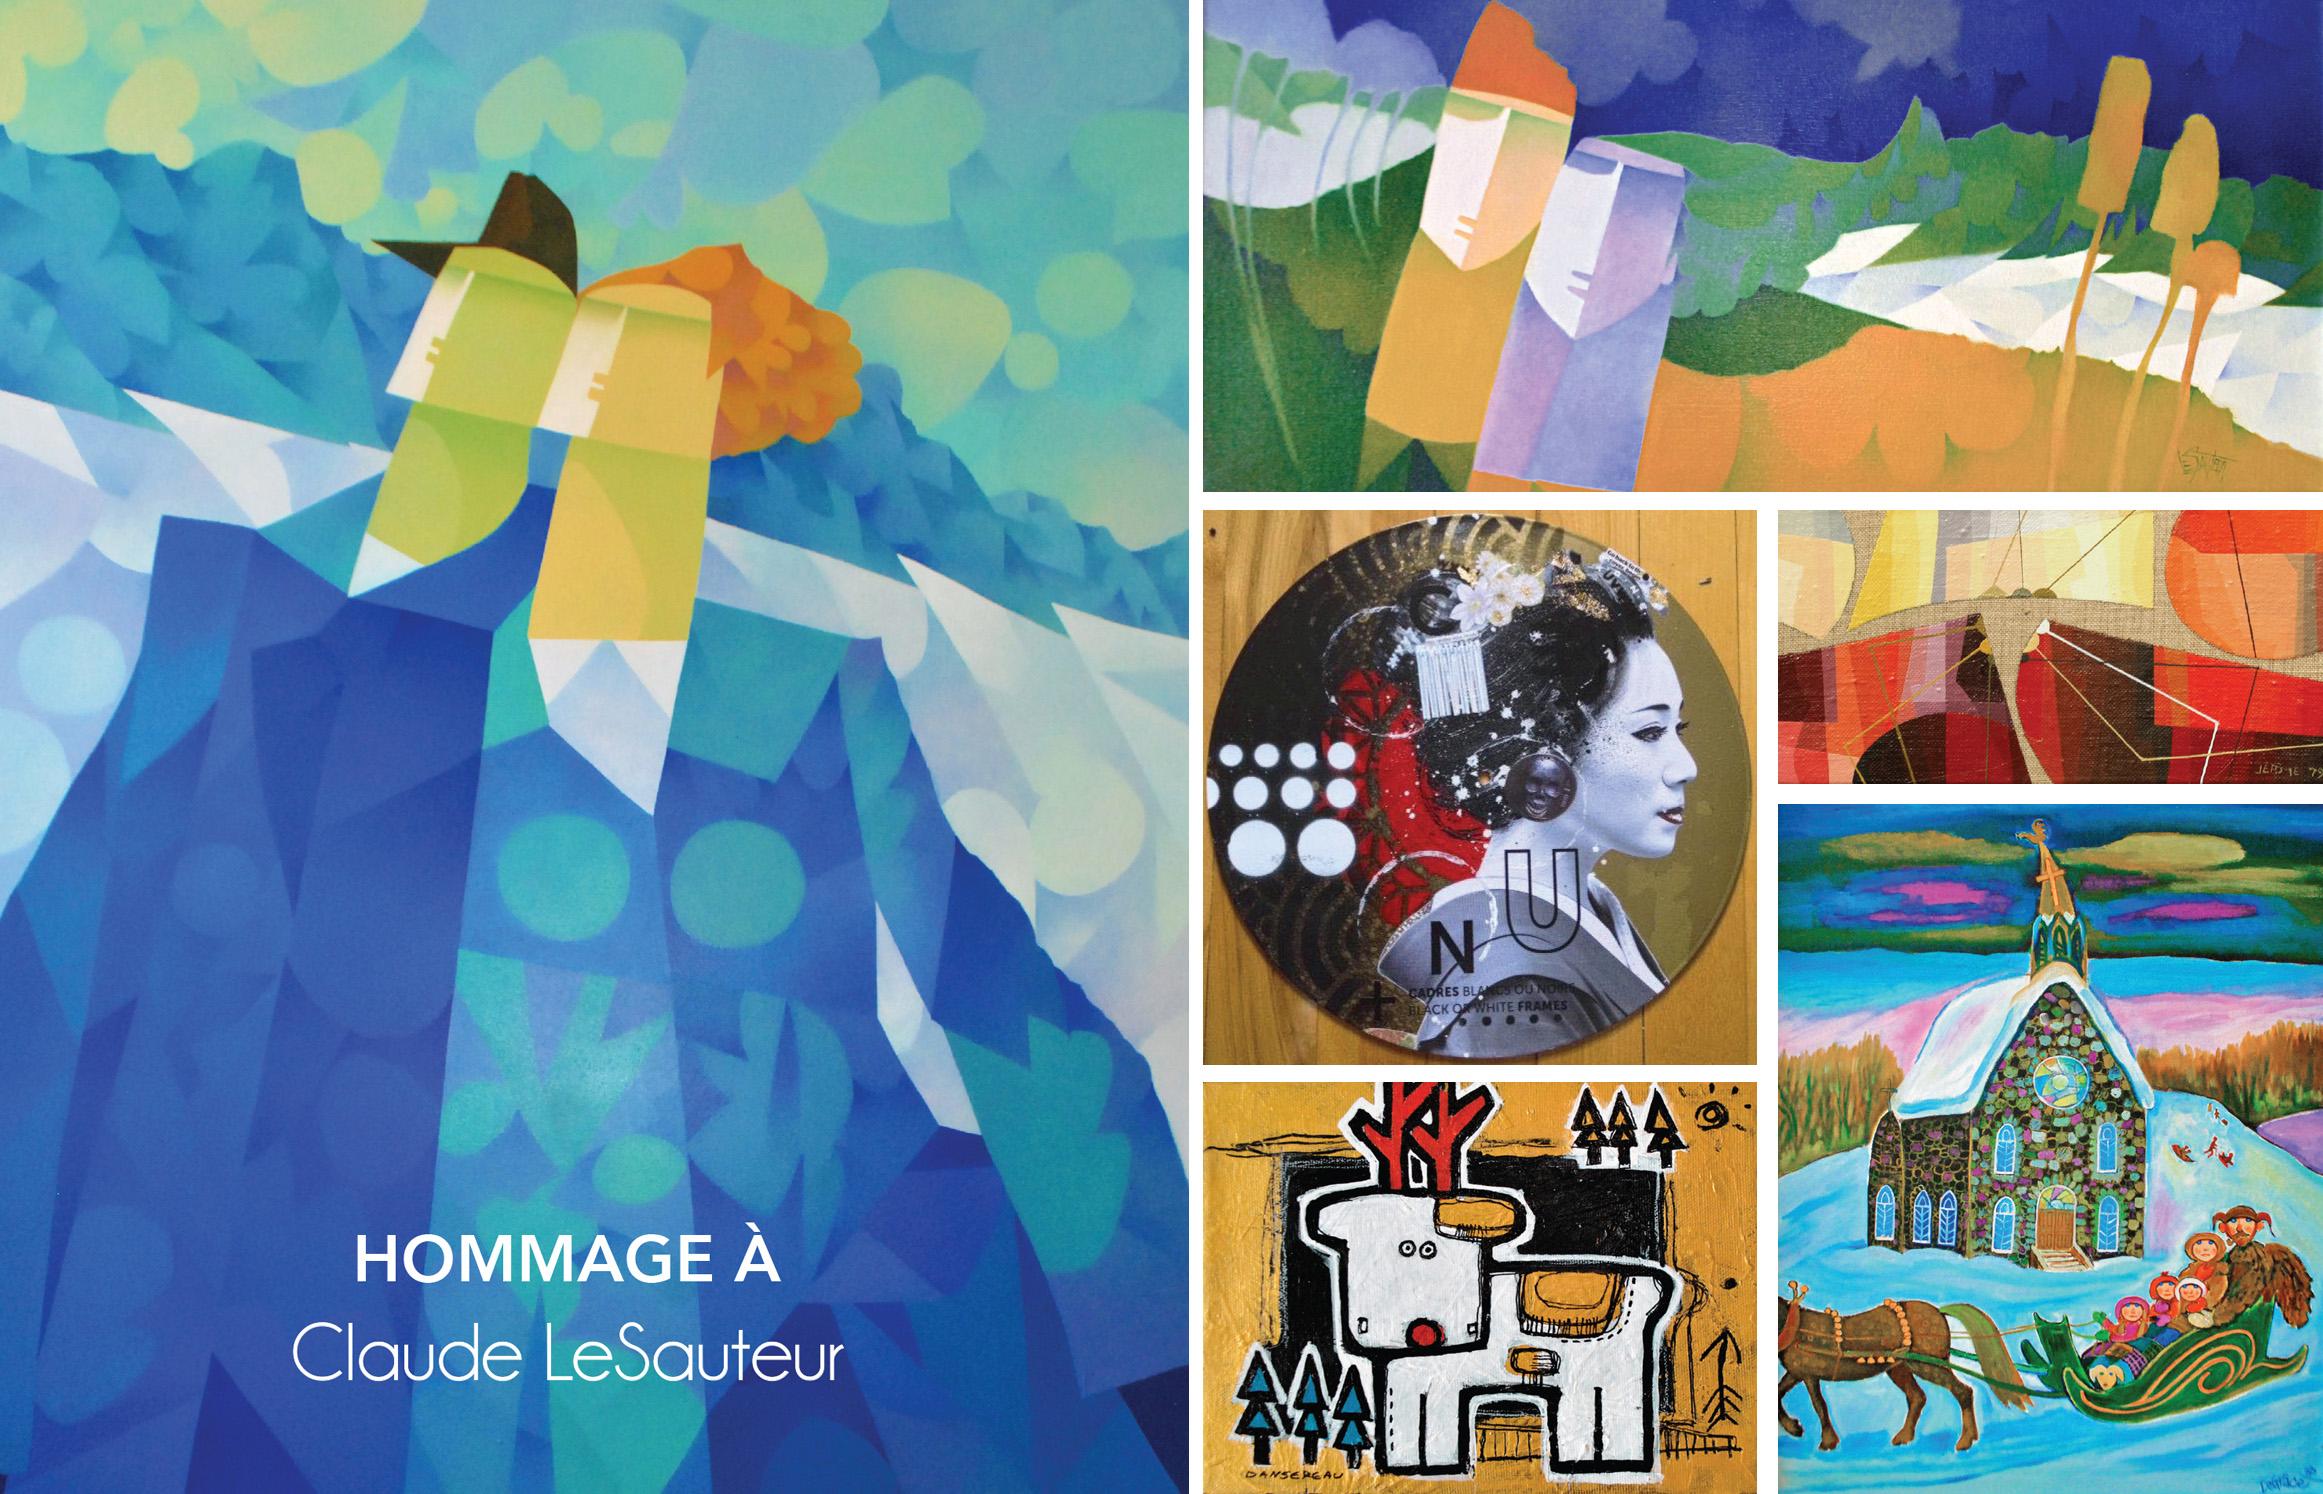 Galerie Michel-Ange, Claude Lesauteur, artiste montréal, exposition montréal, exposition vieux-montréal, exposition d'art, vernissage, vernissage art, petits formats de noel,